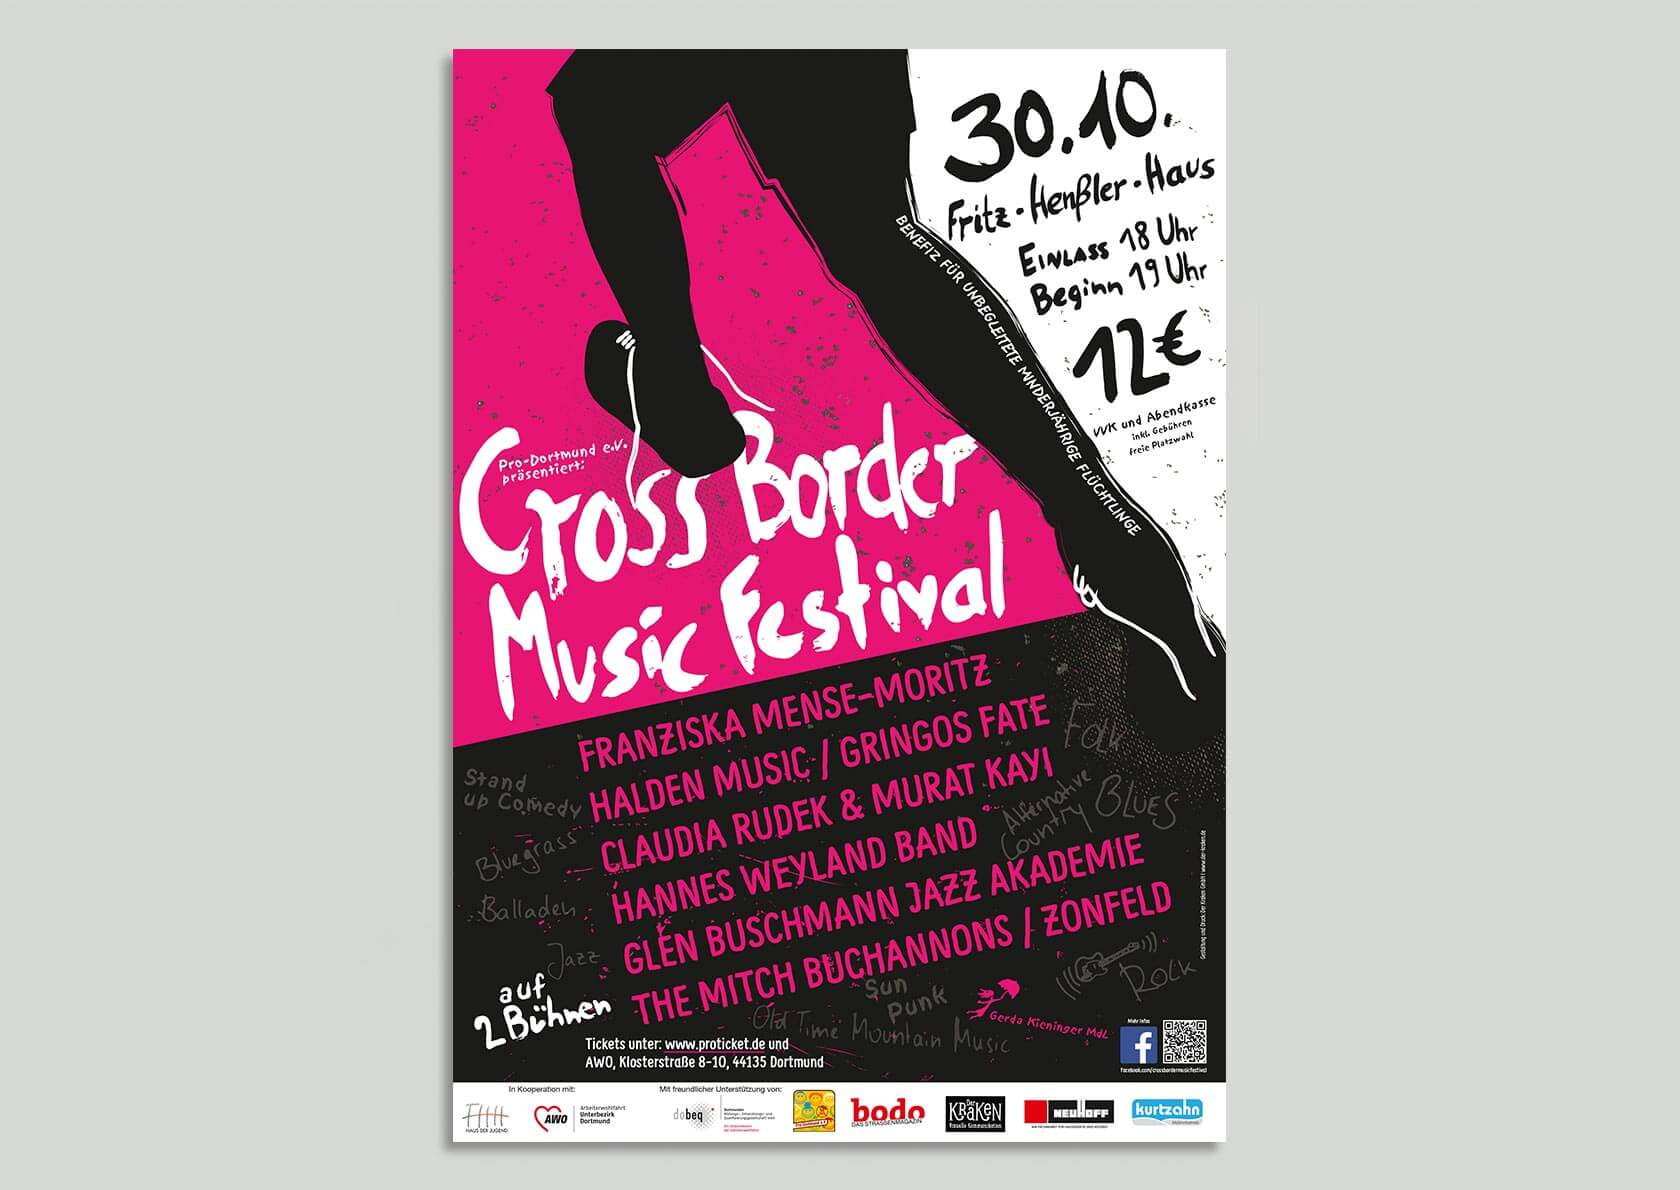 Cross Border Music Festival